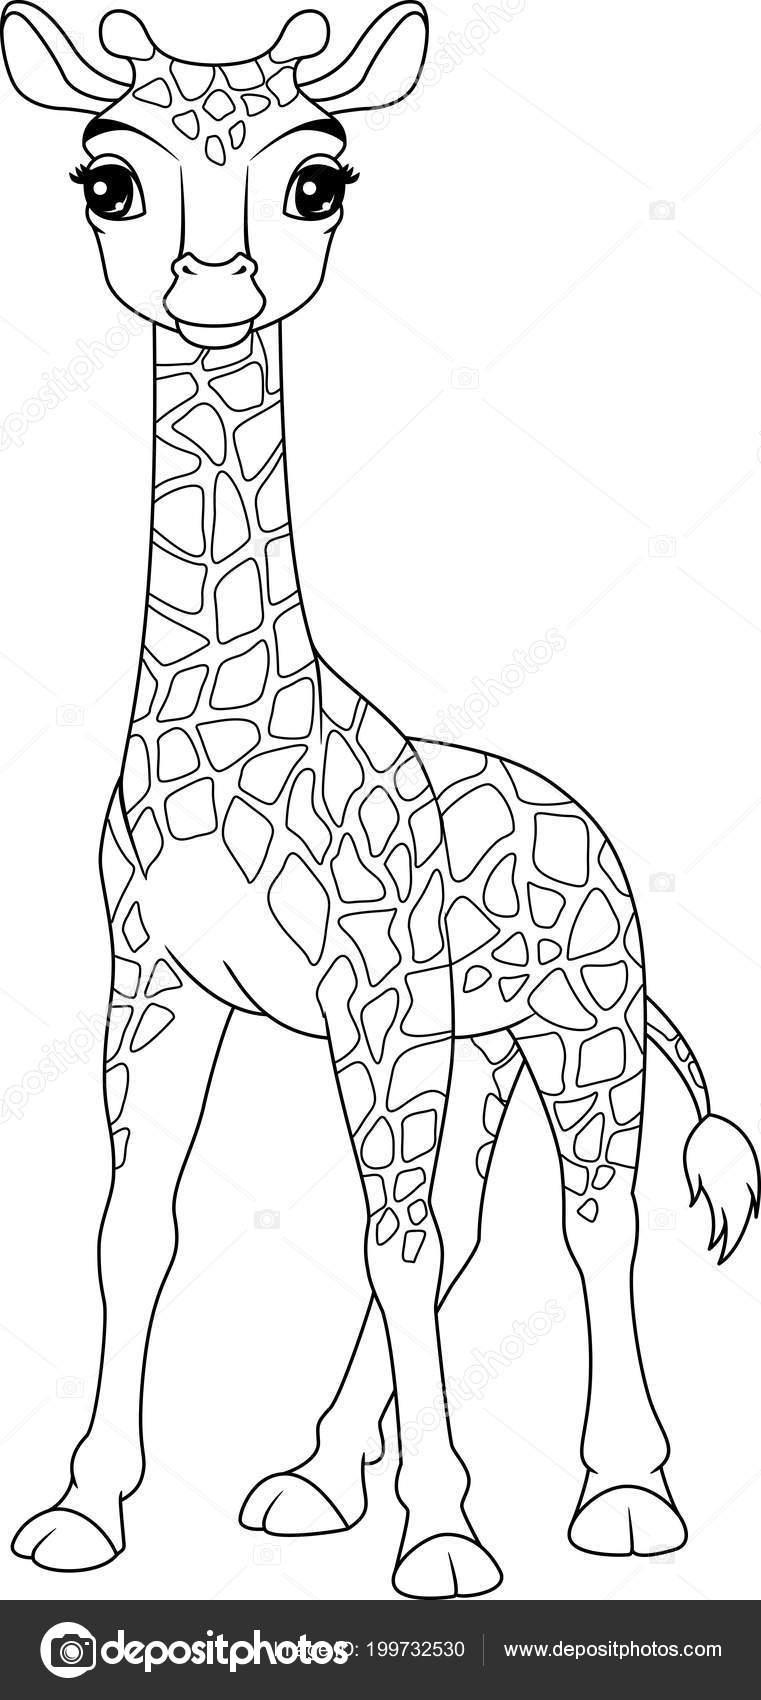 afbeelding een giraf kleurplaat pagina